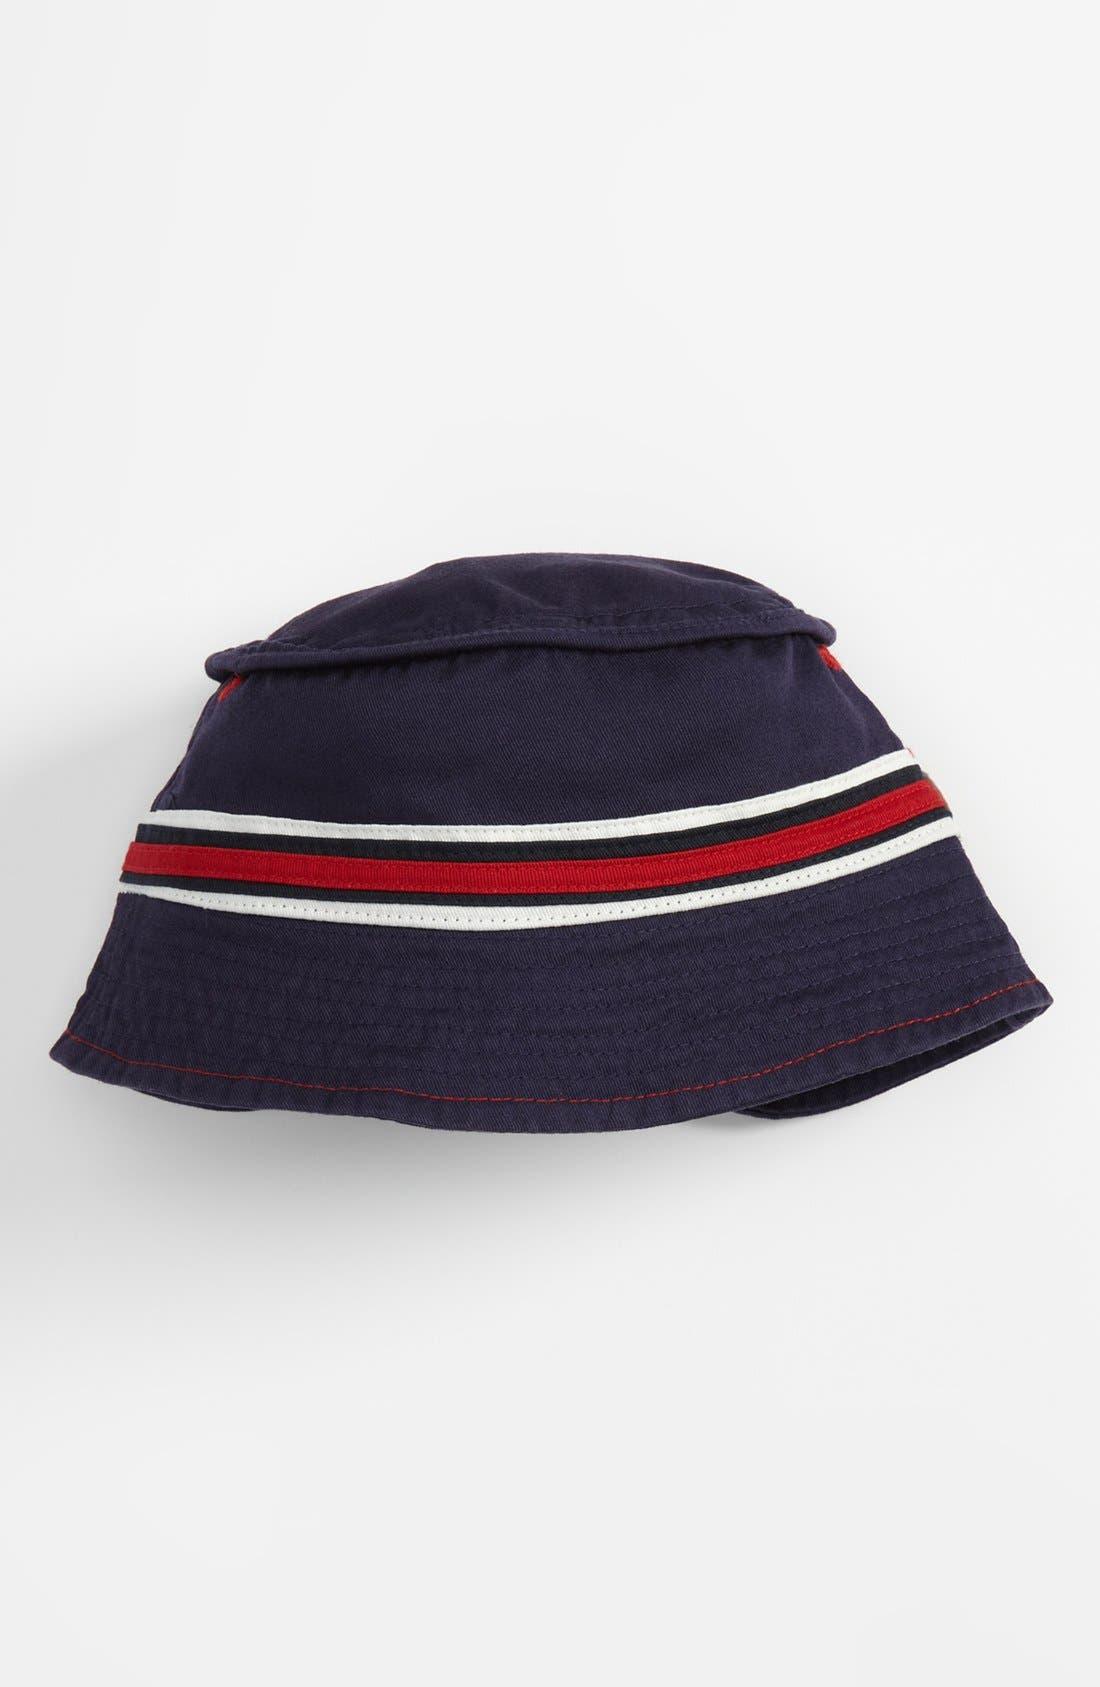 Alternate Image 1 Selected - Nolan Glove Bucket Hat (Toddler)